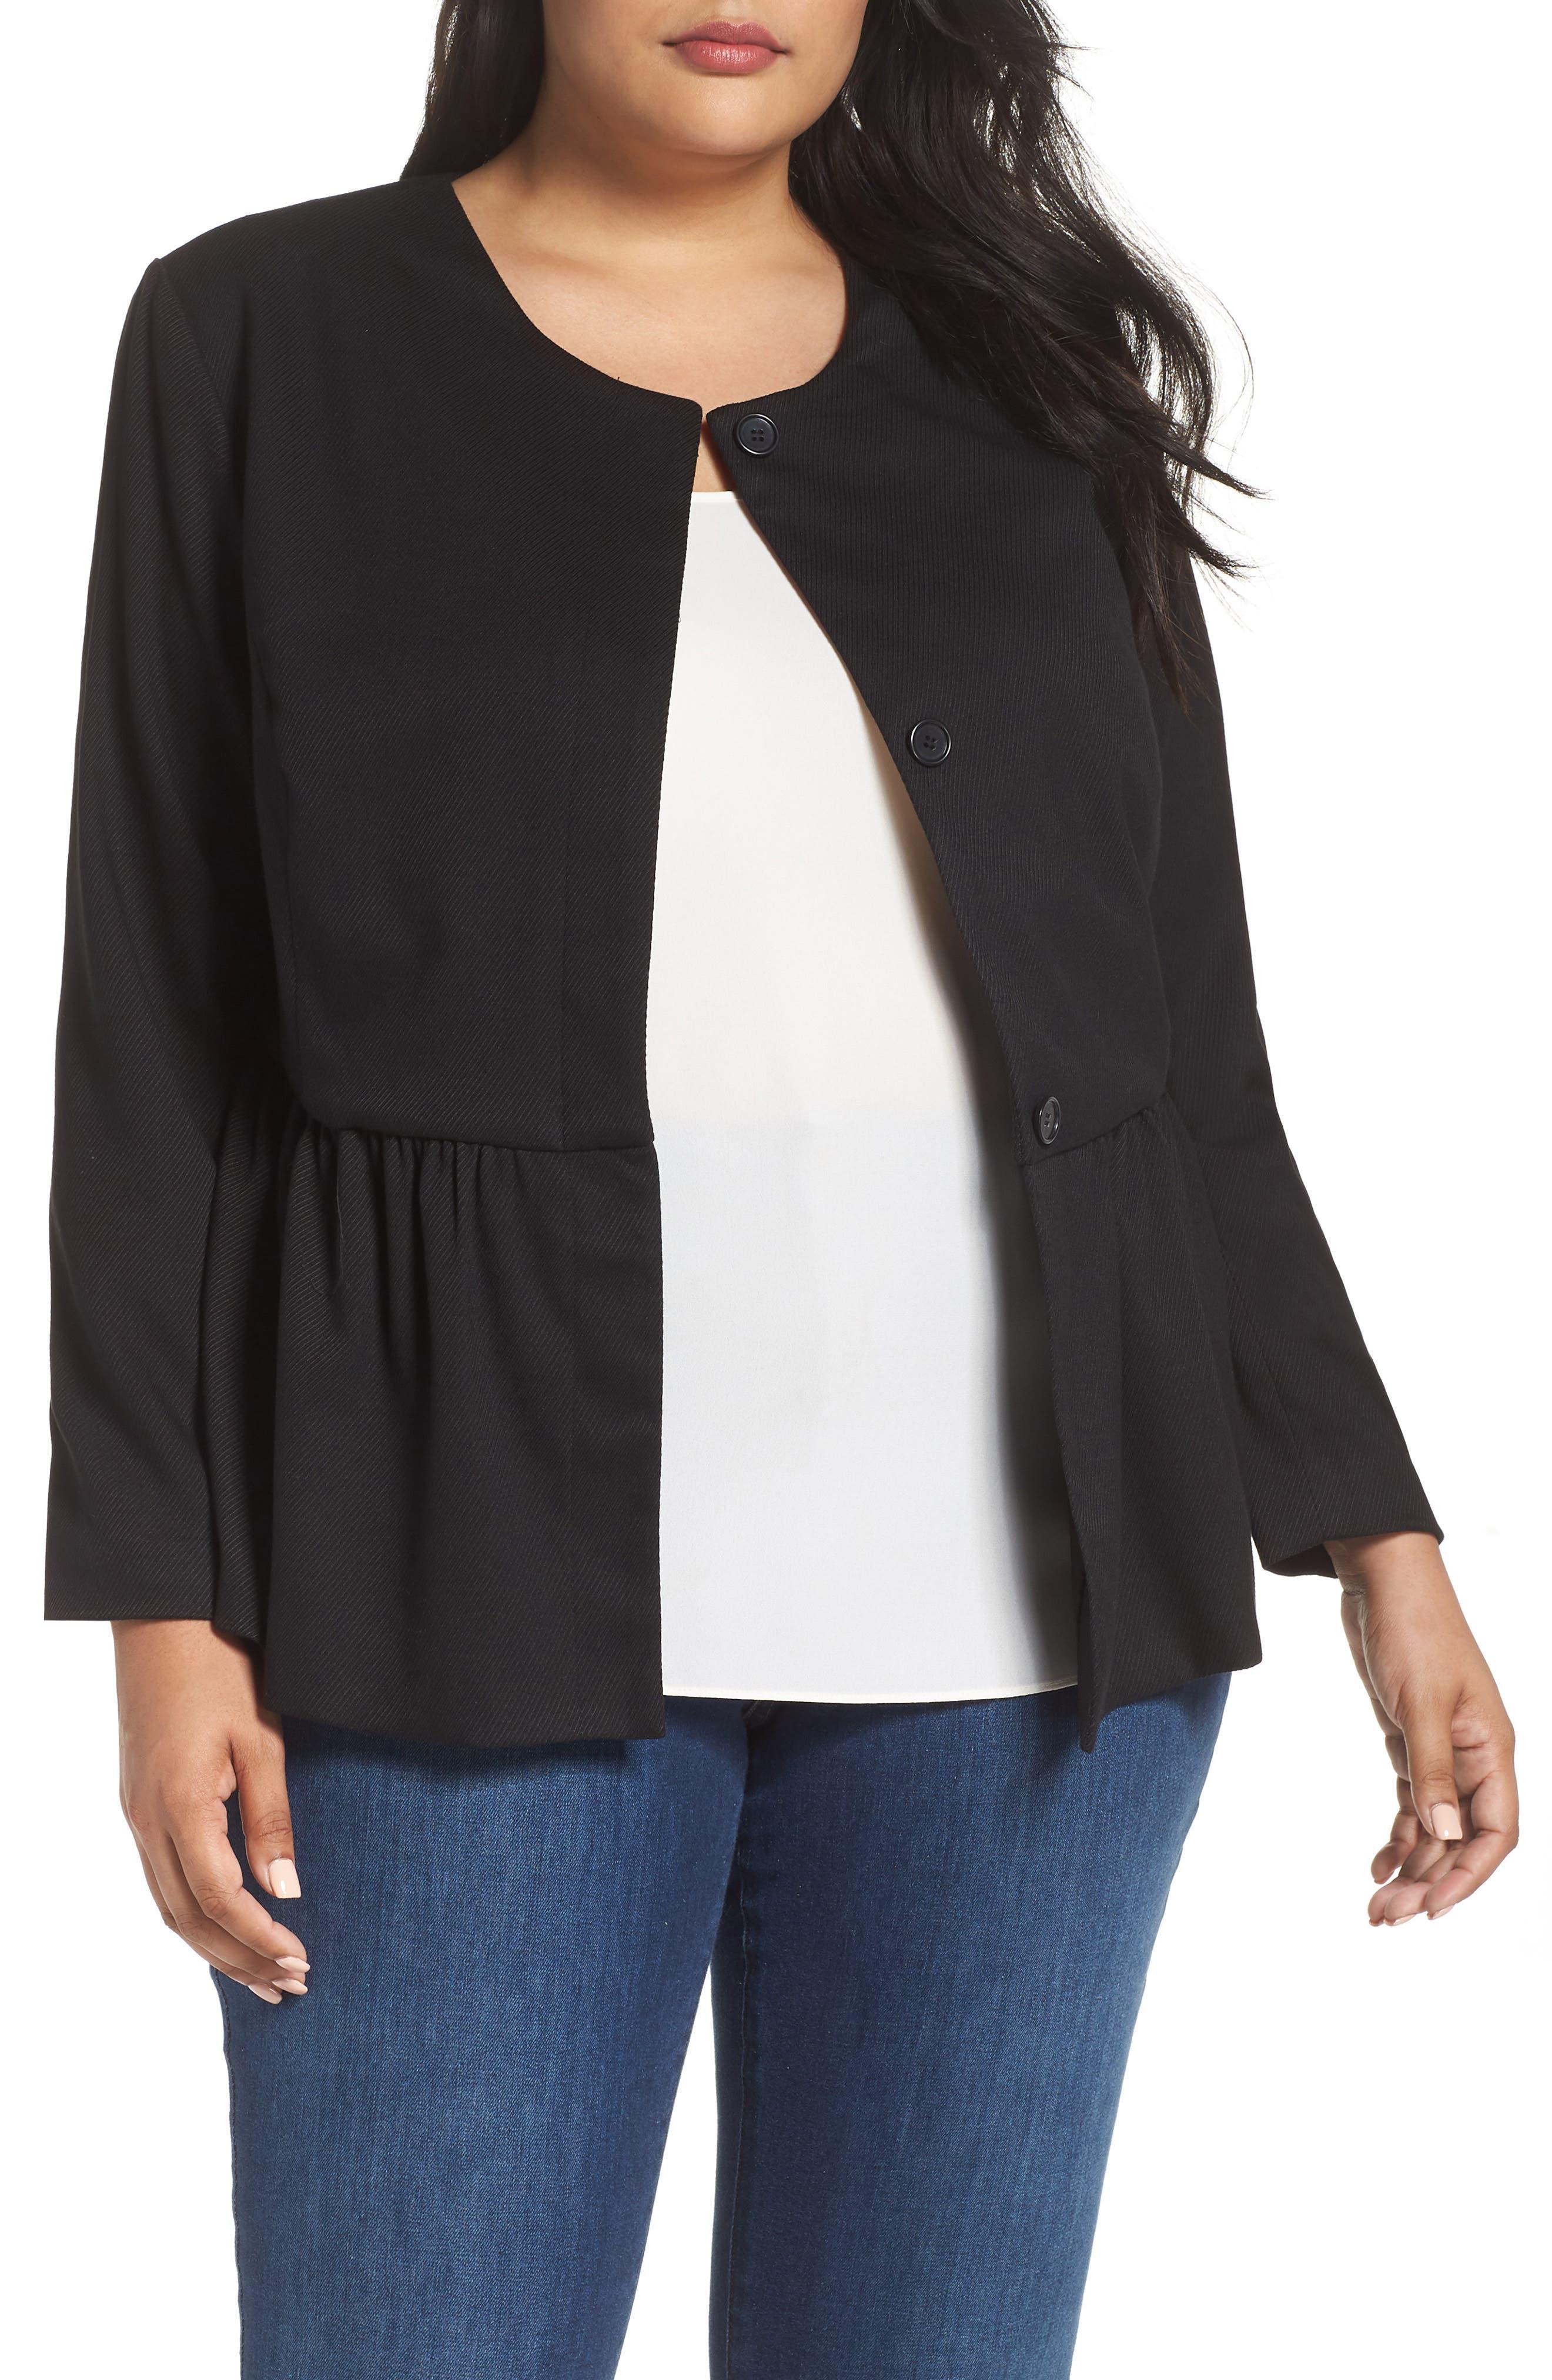 SEJOUR Peplum Jacket, Main, color, BLACK